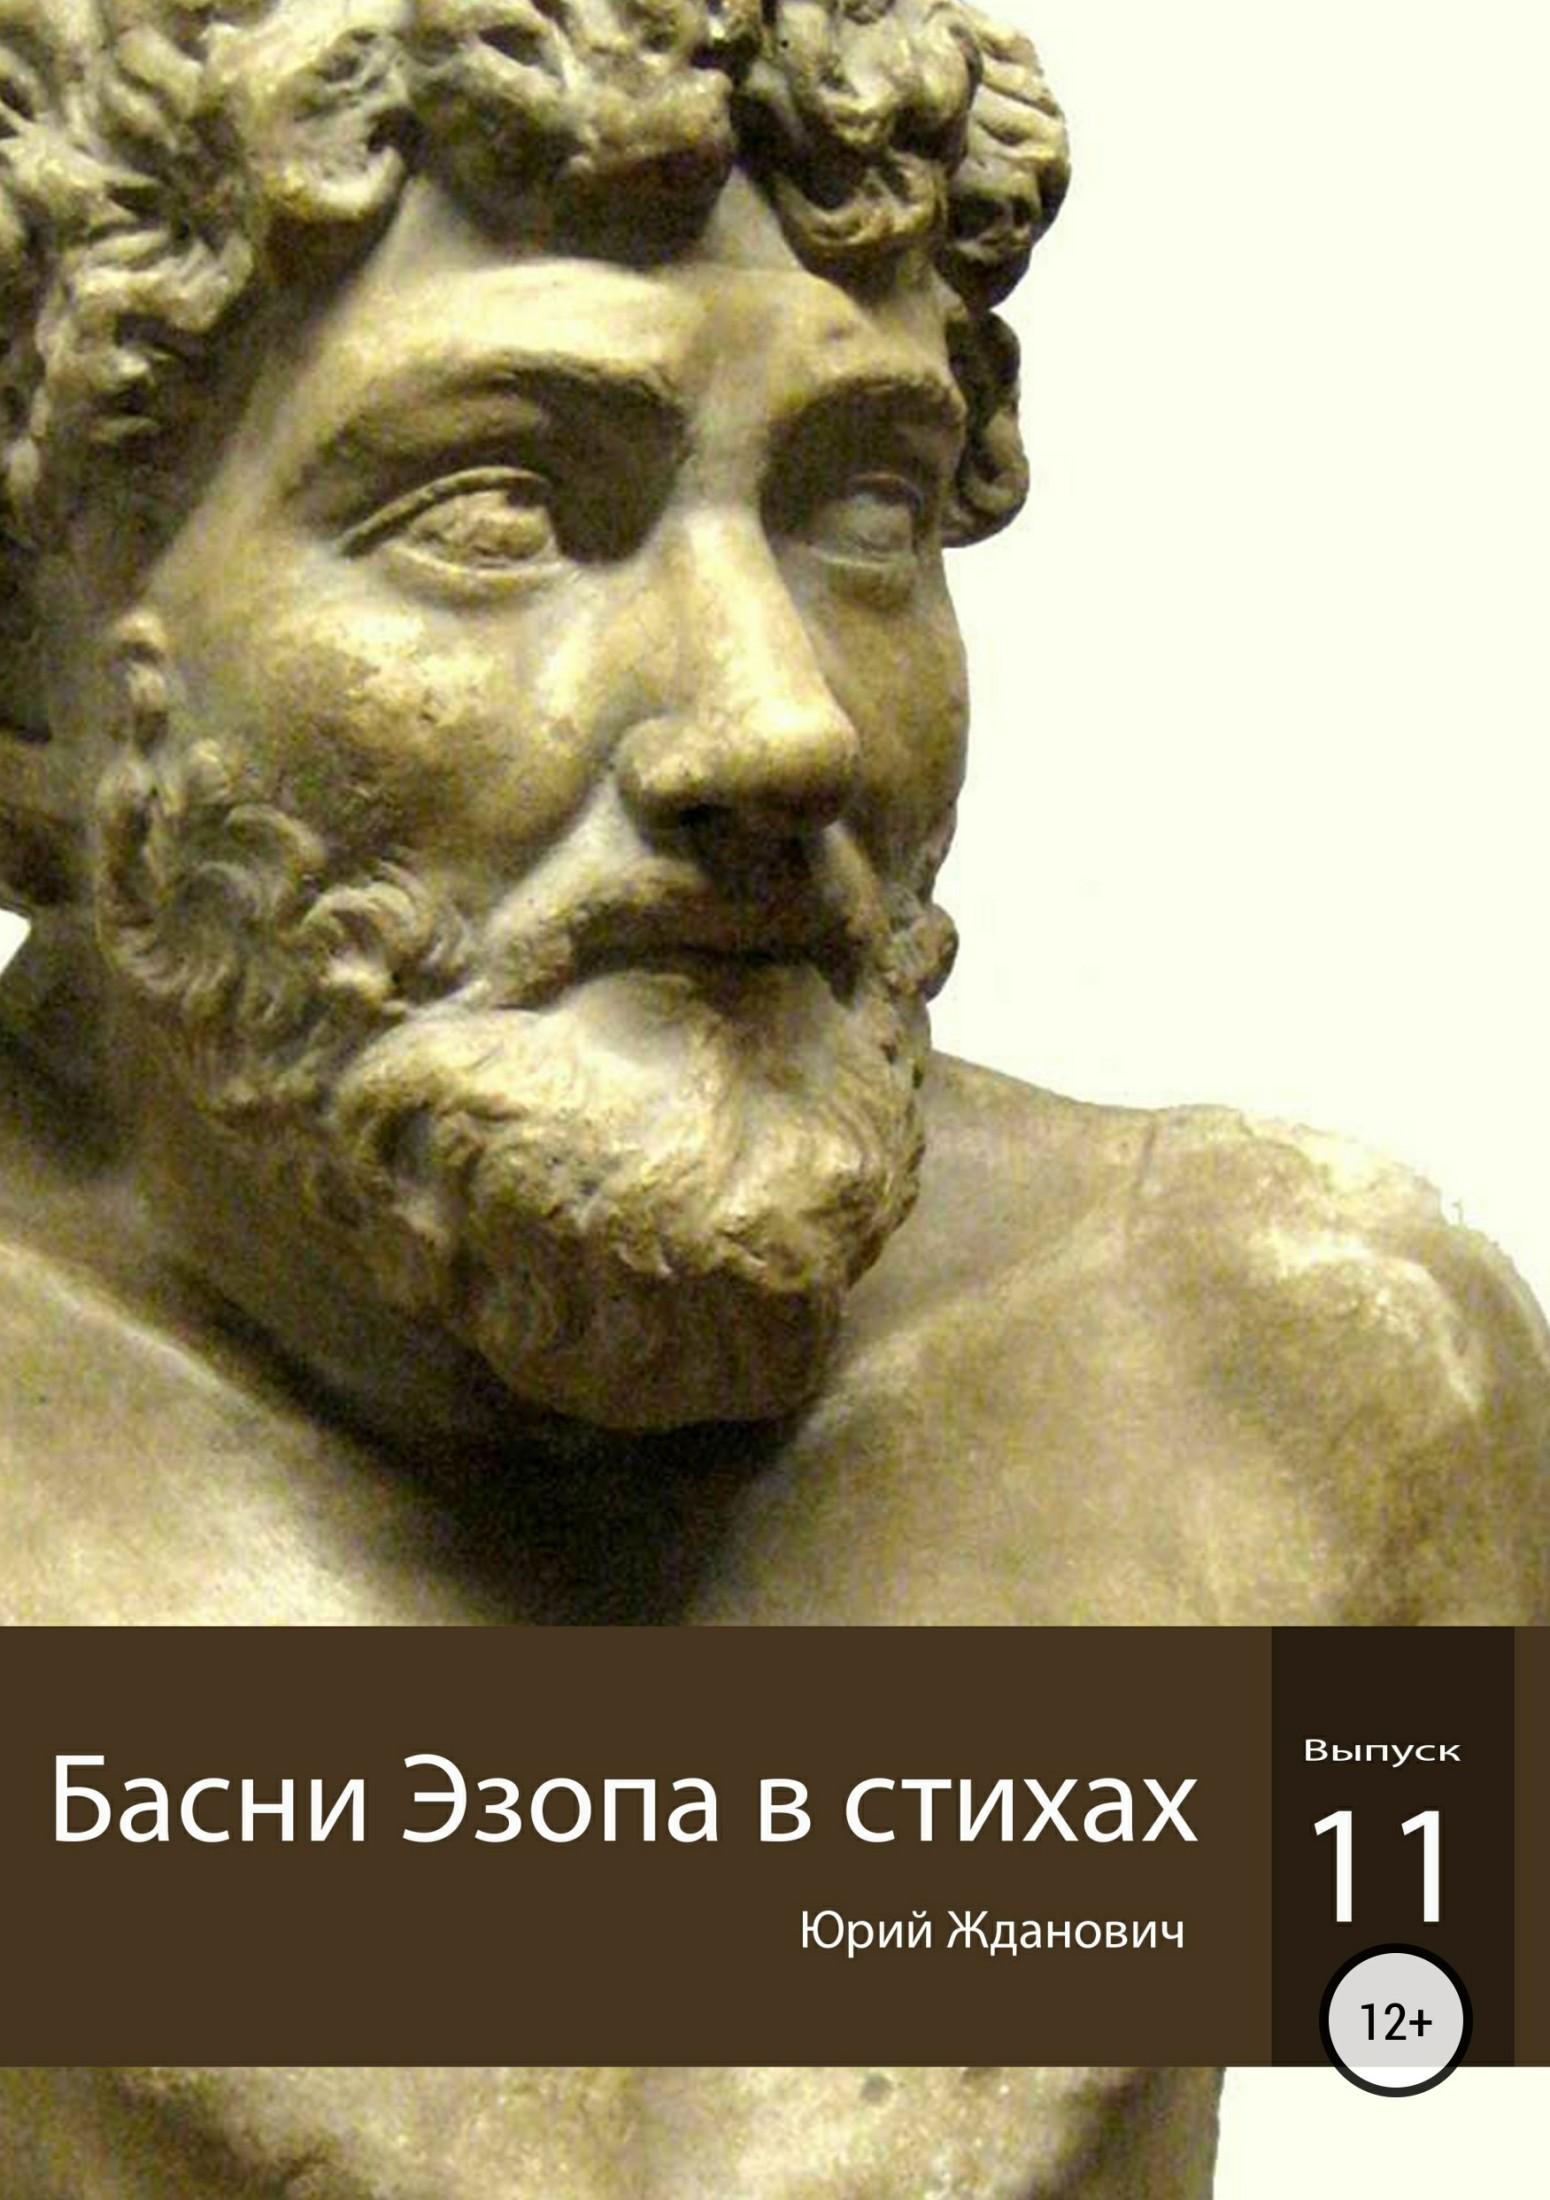 Басни Эзопа в стихах. Выпуск 11